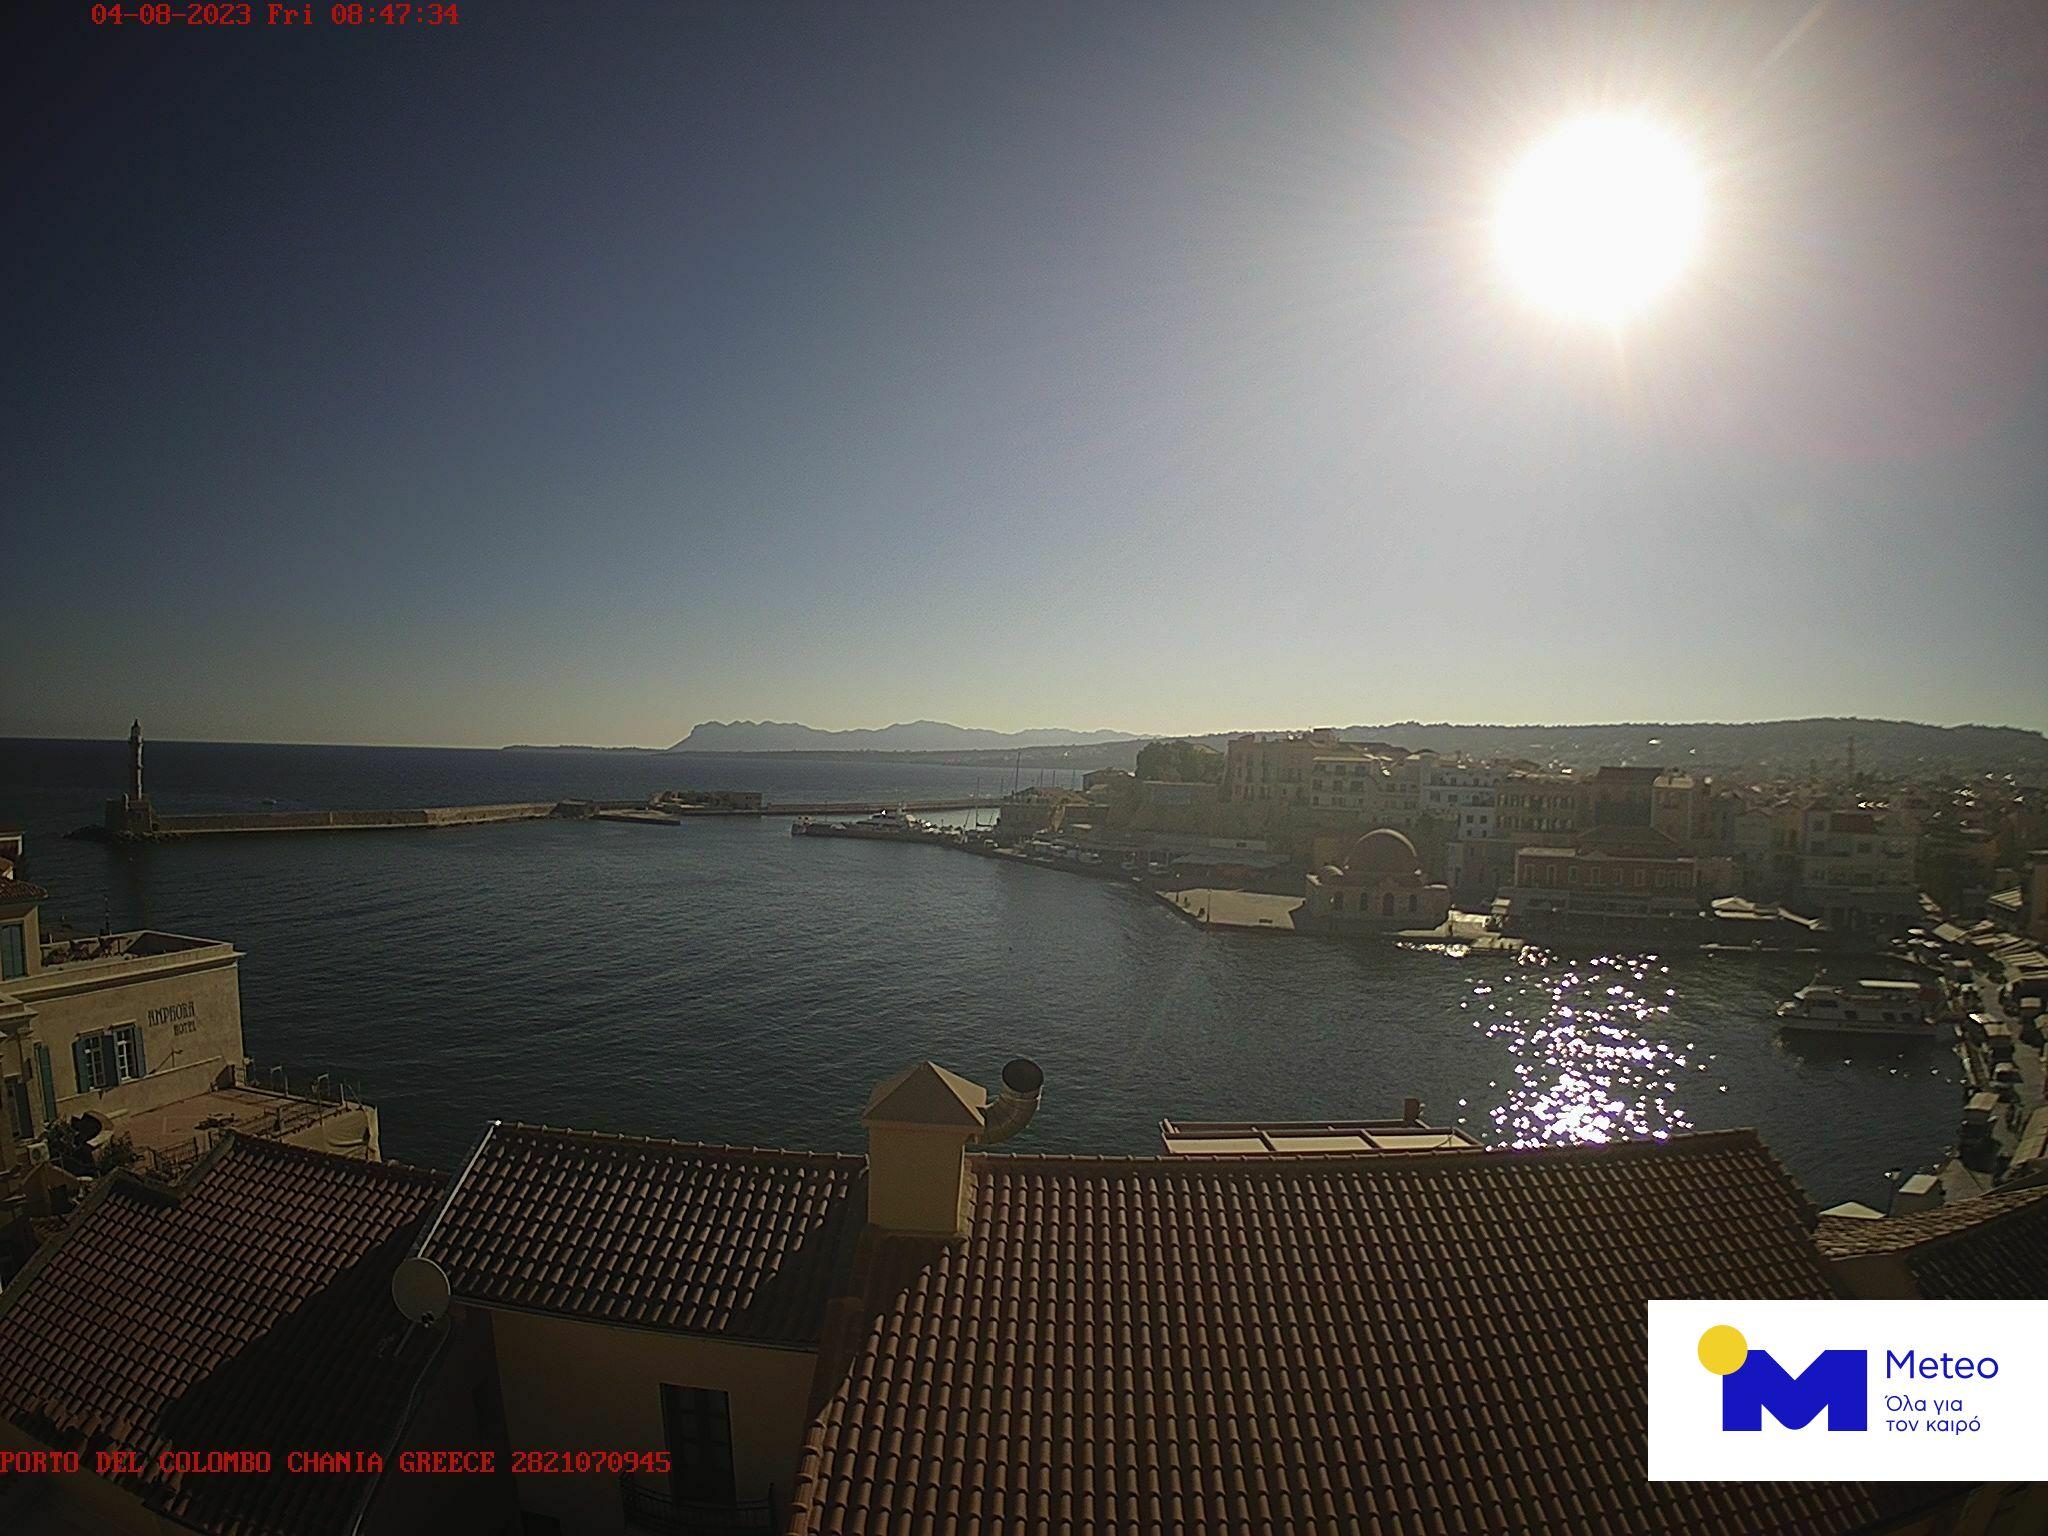 Chania (Crete) Mon. 08:51